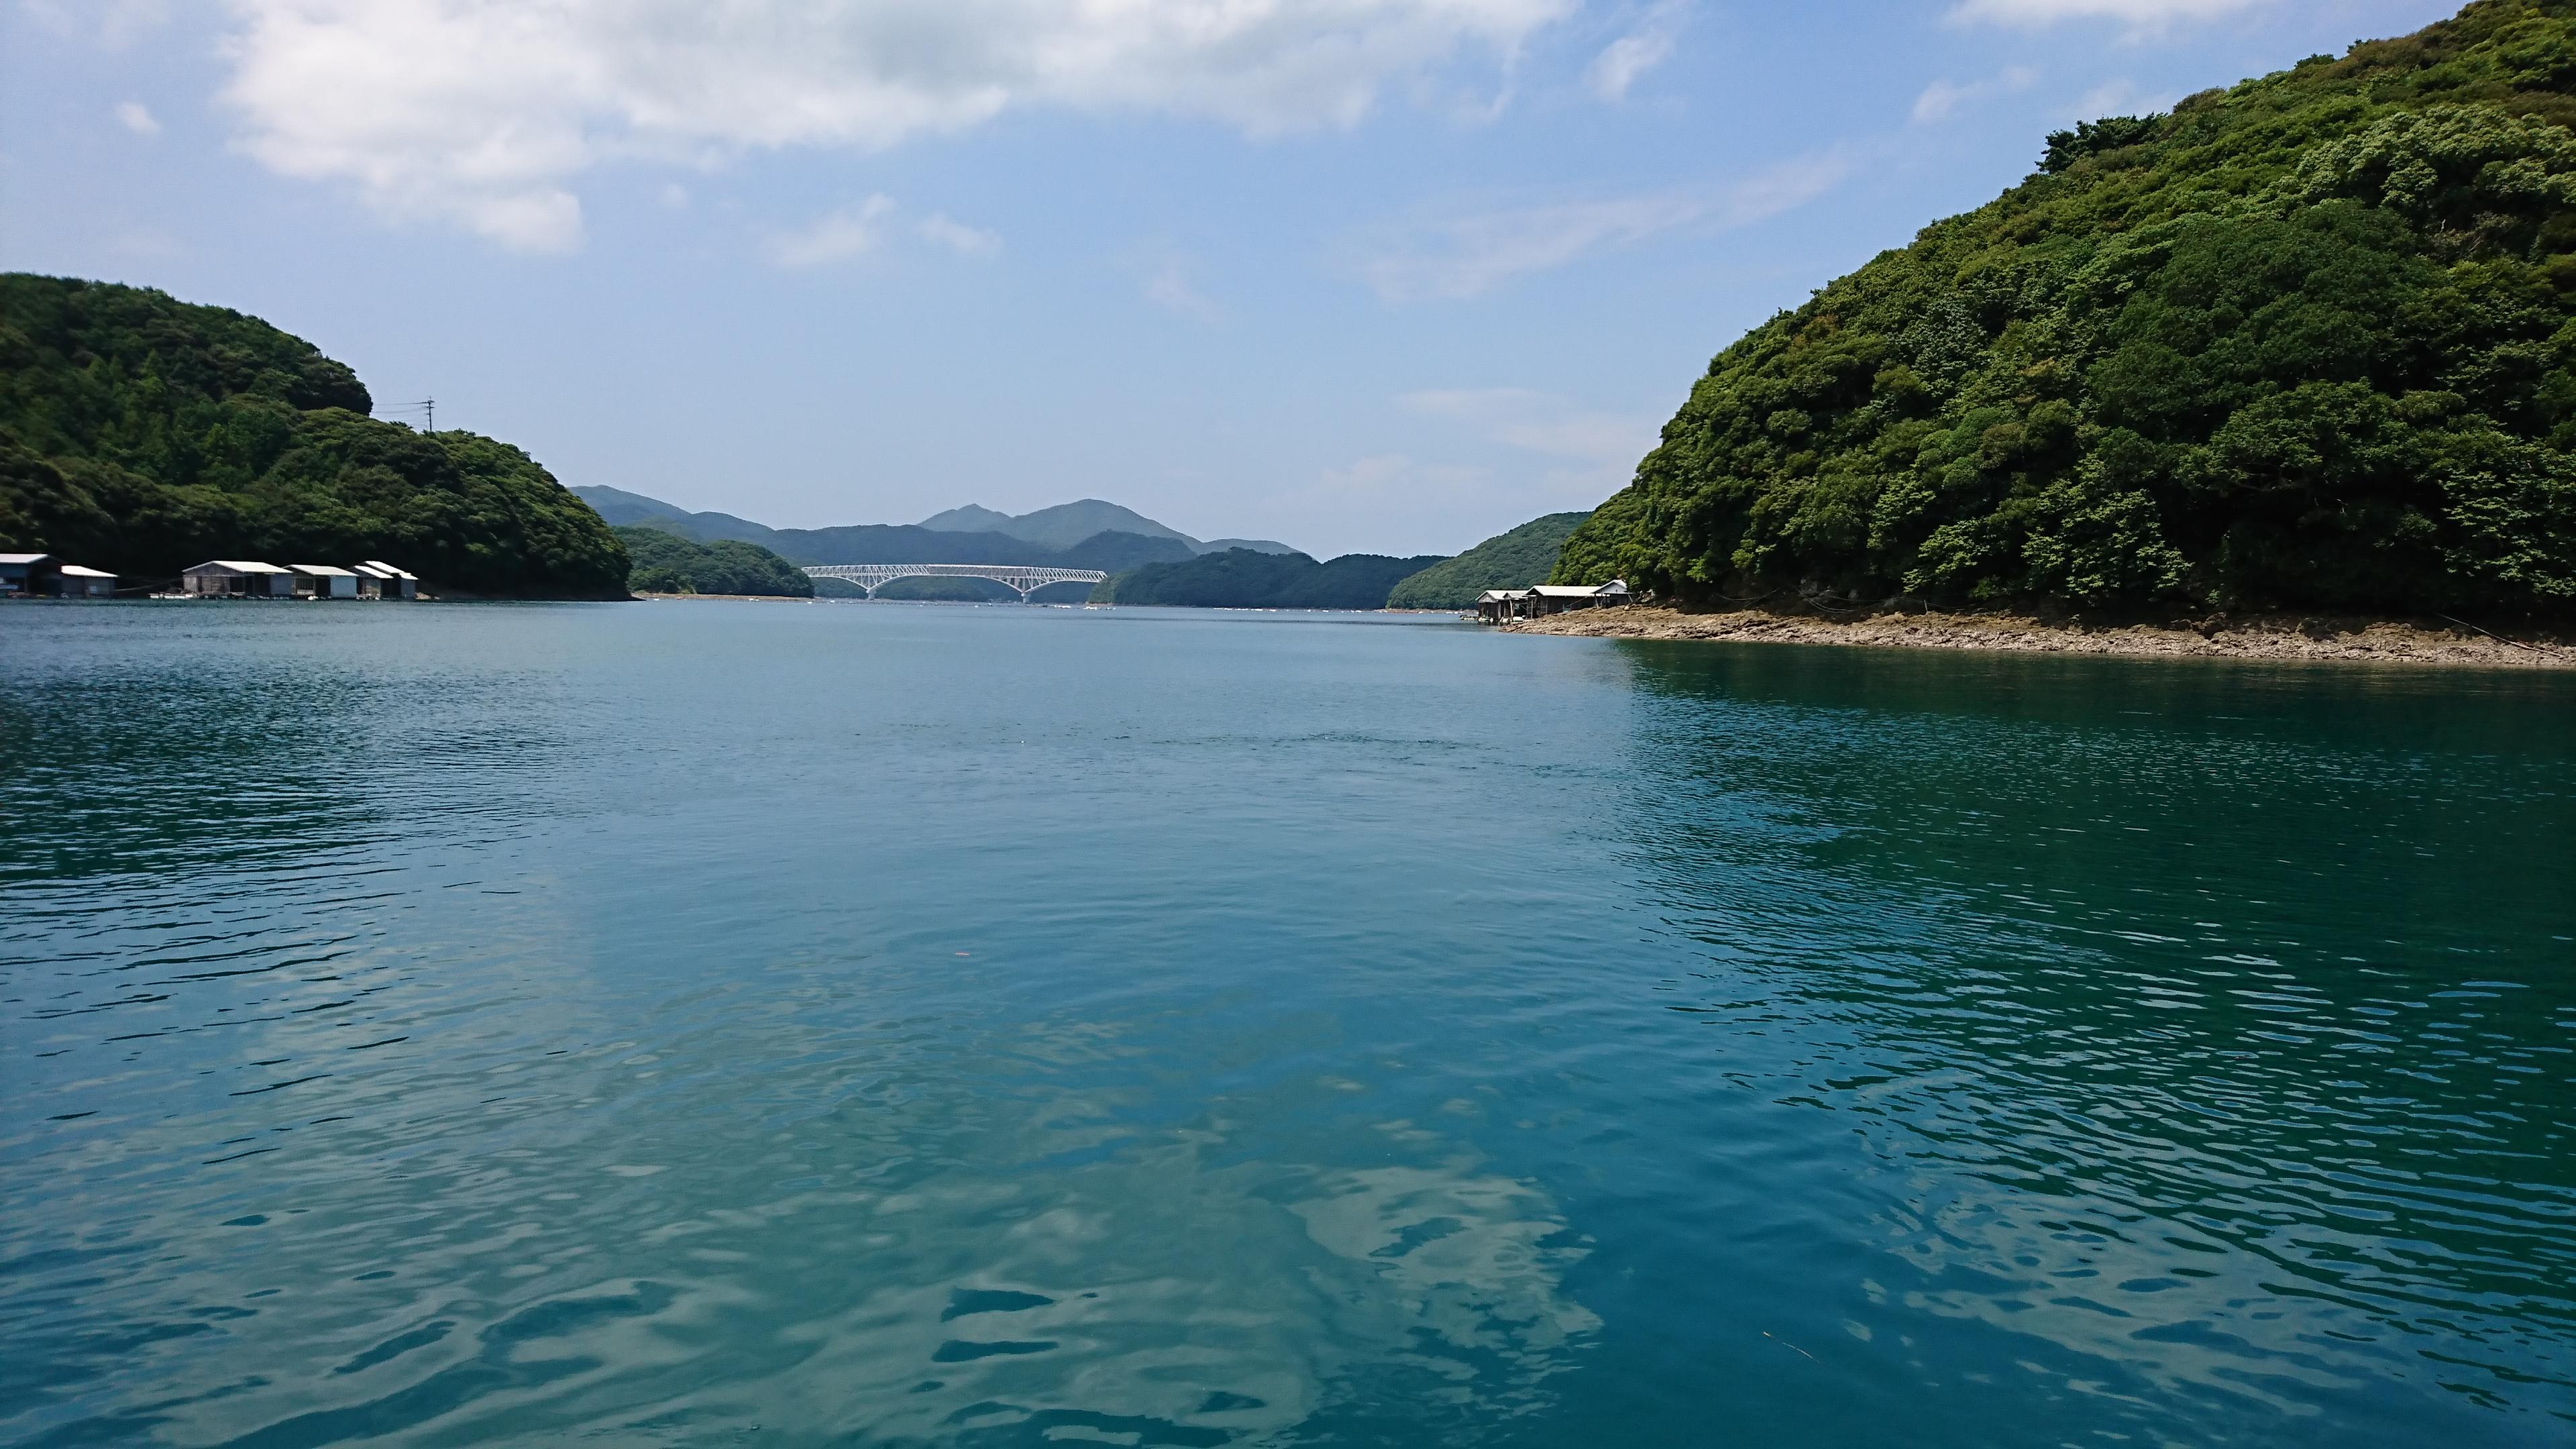 中通島観光ガイド!フェリーでのアクセス方法やおすすめの見どころは?